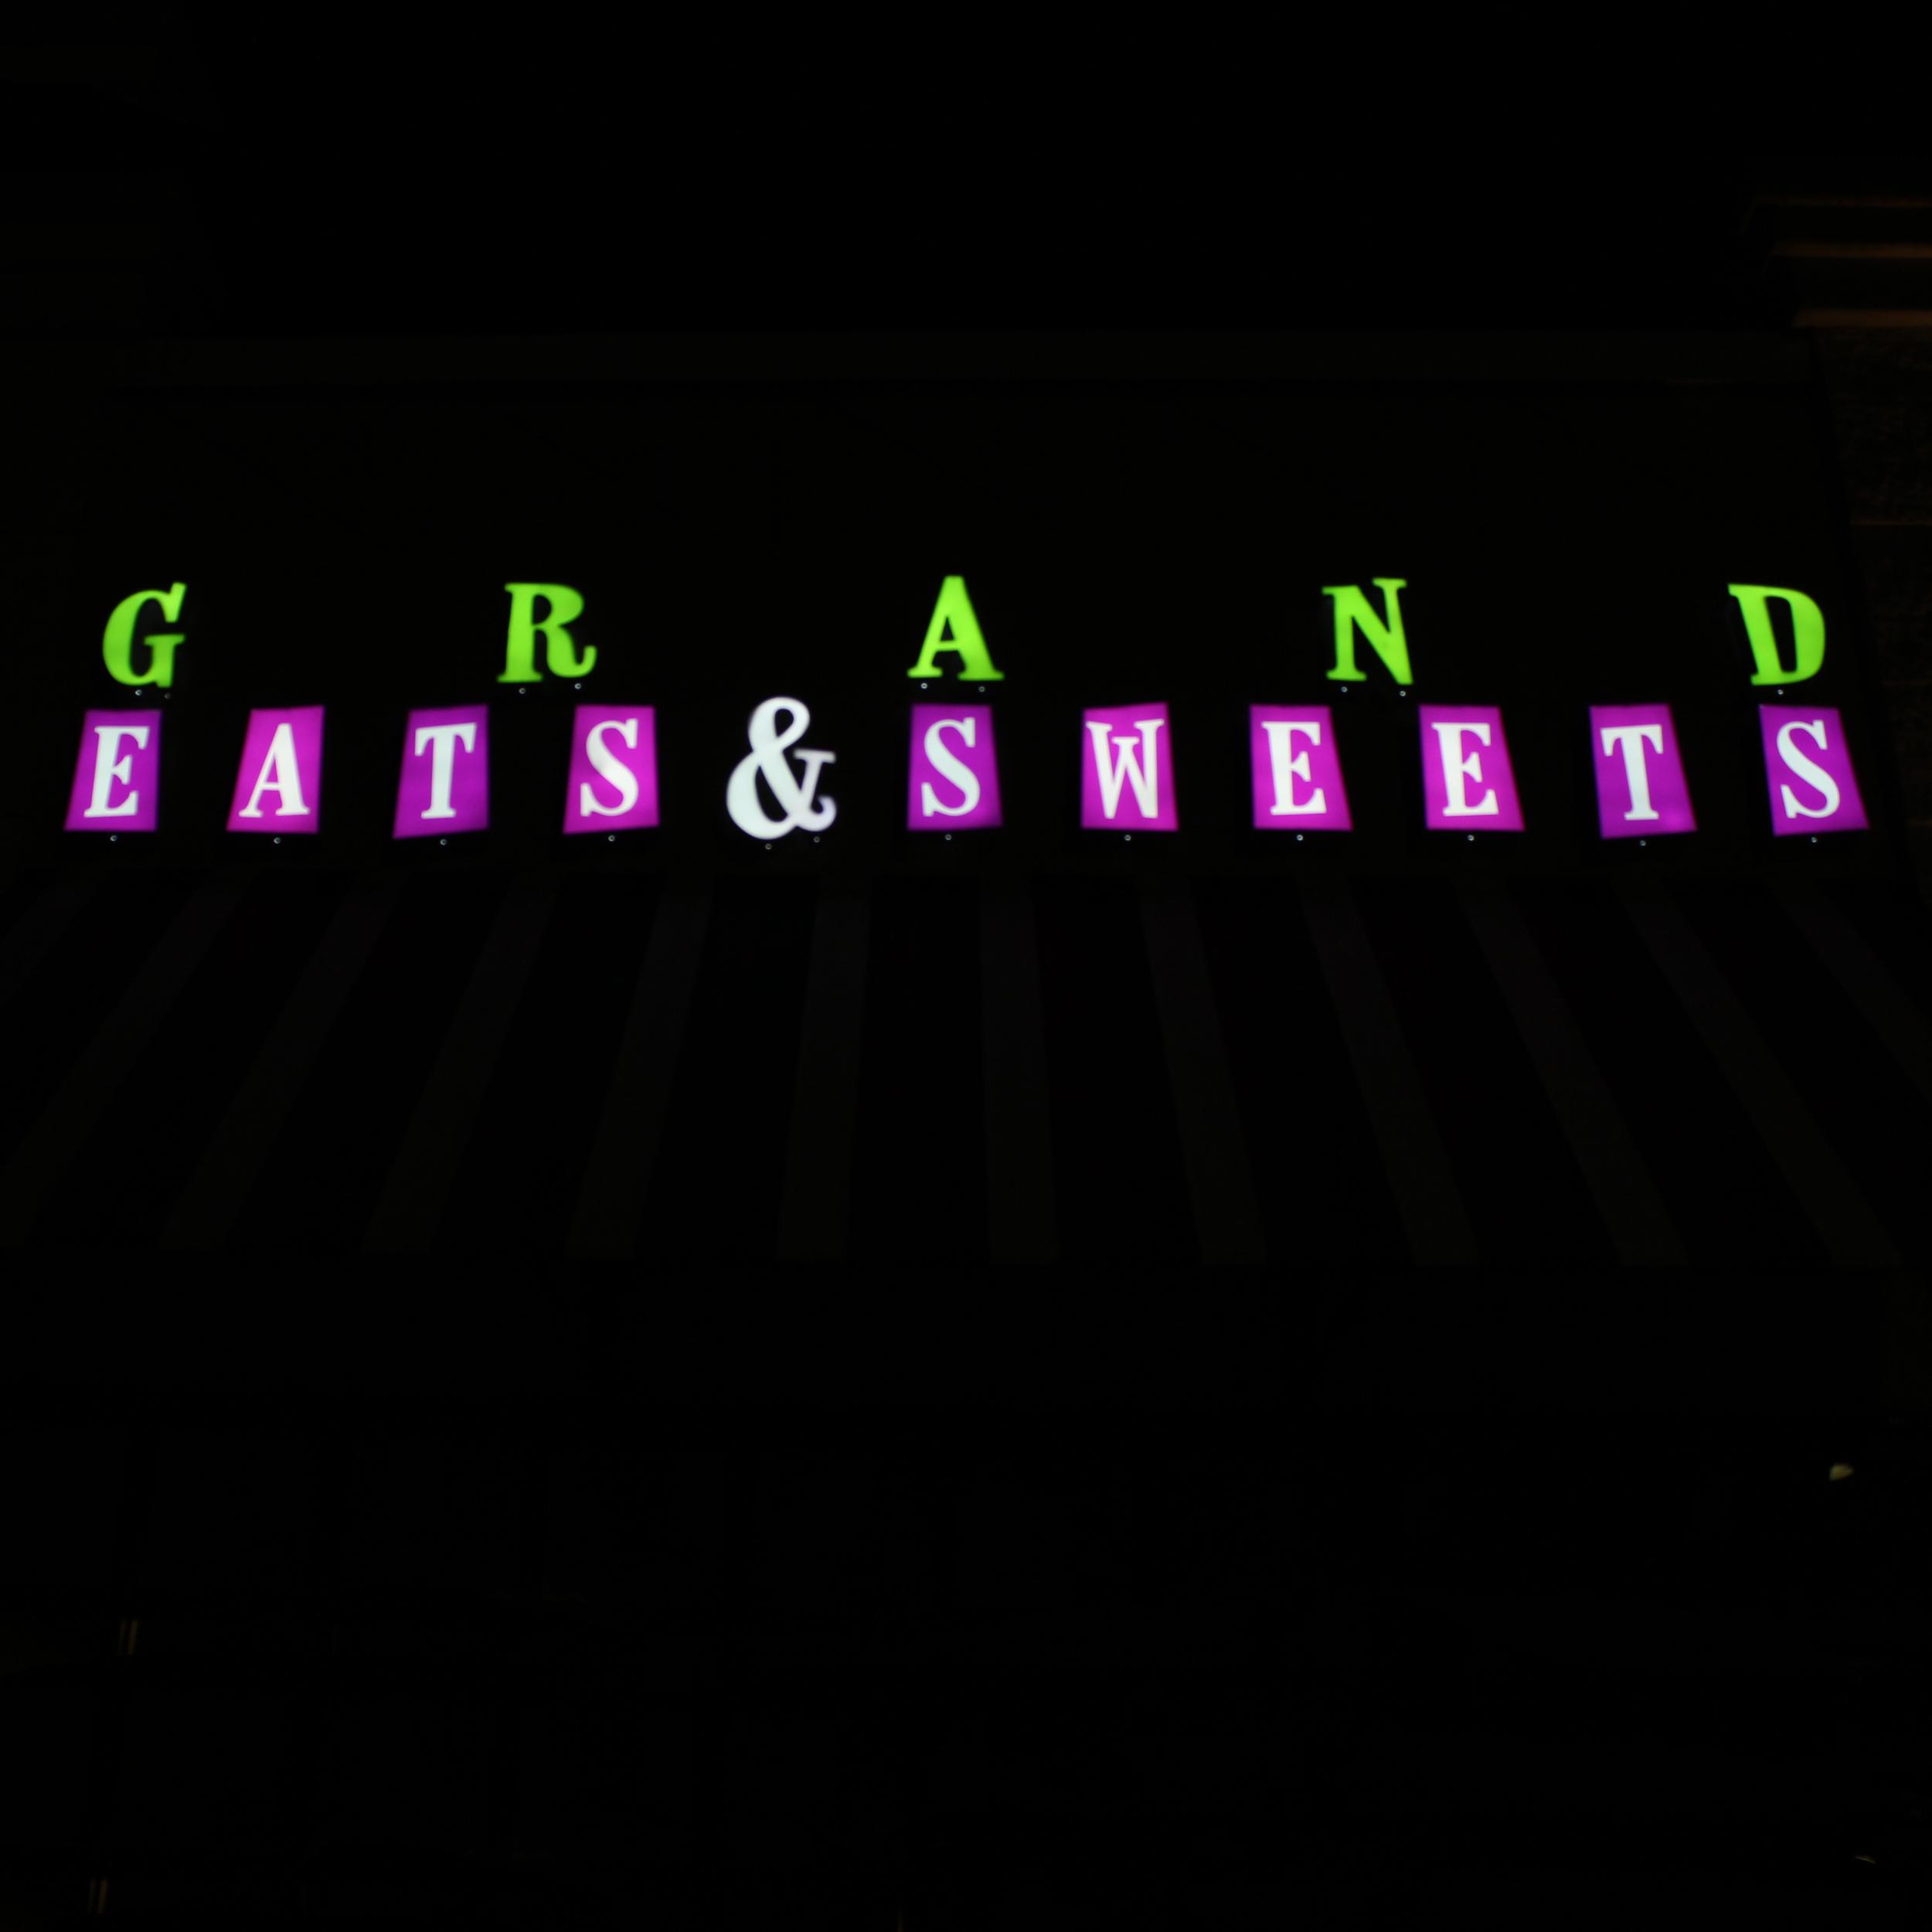 Signs | Grand Eats & Sweets Sign | Hanover, PA